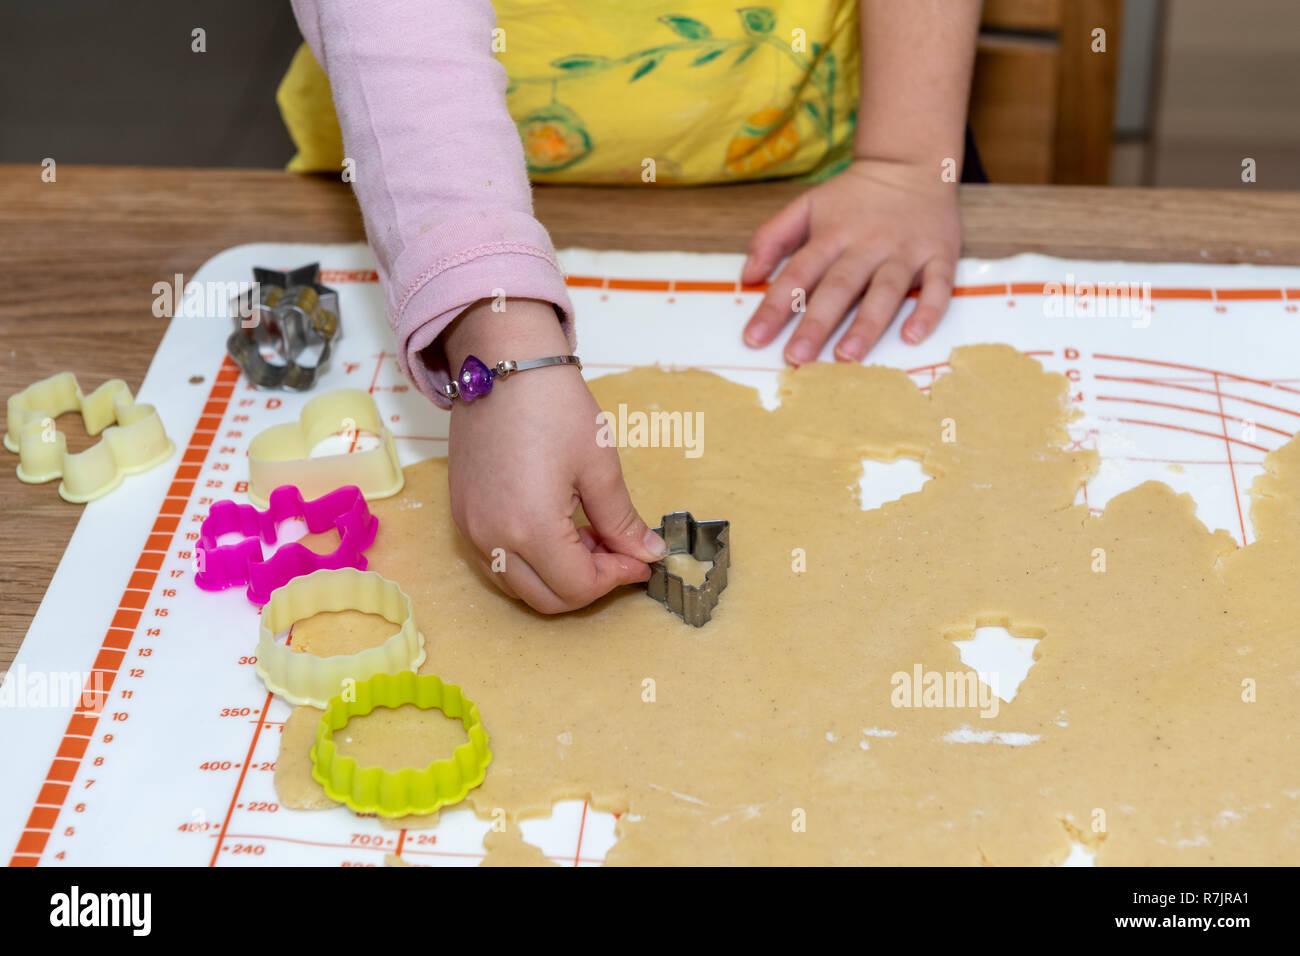 Kinder Kochen Traditionelle Kuchen Fur Weihnachten Stockfoto Bild